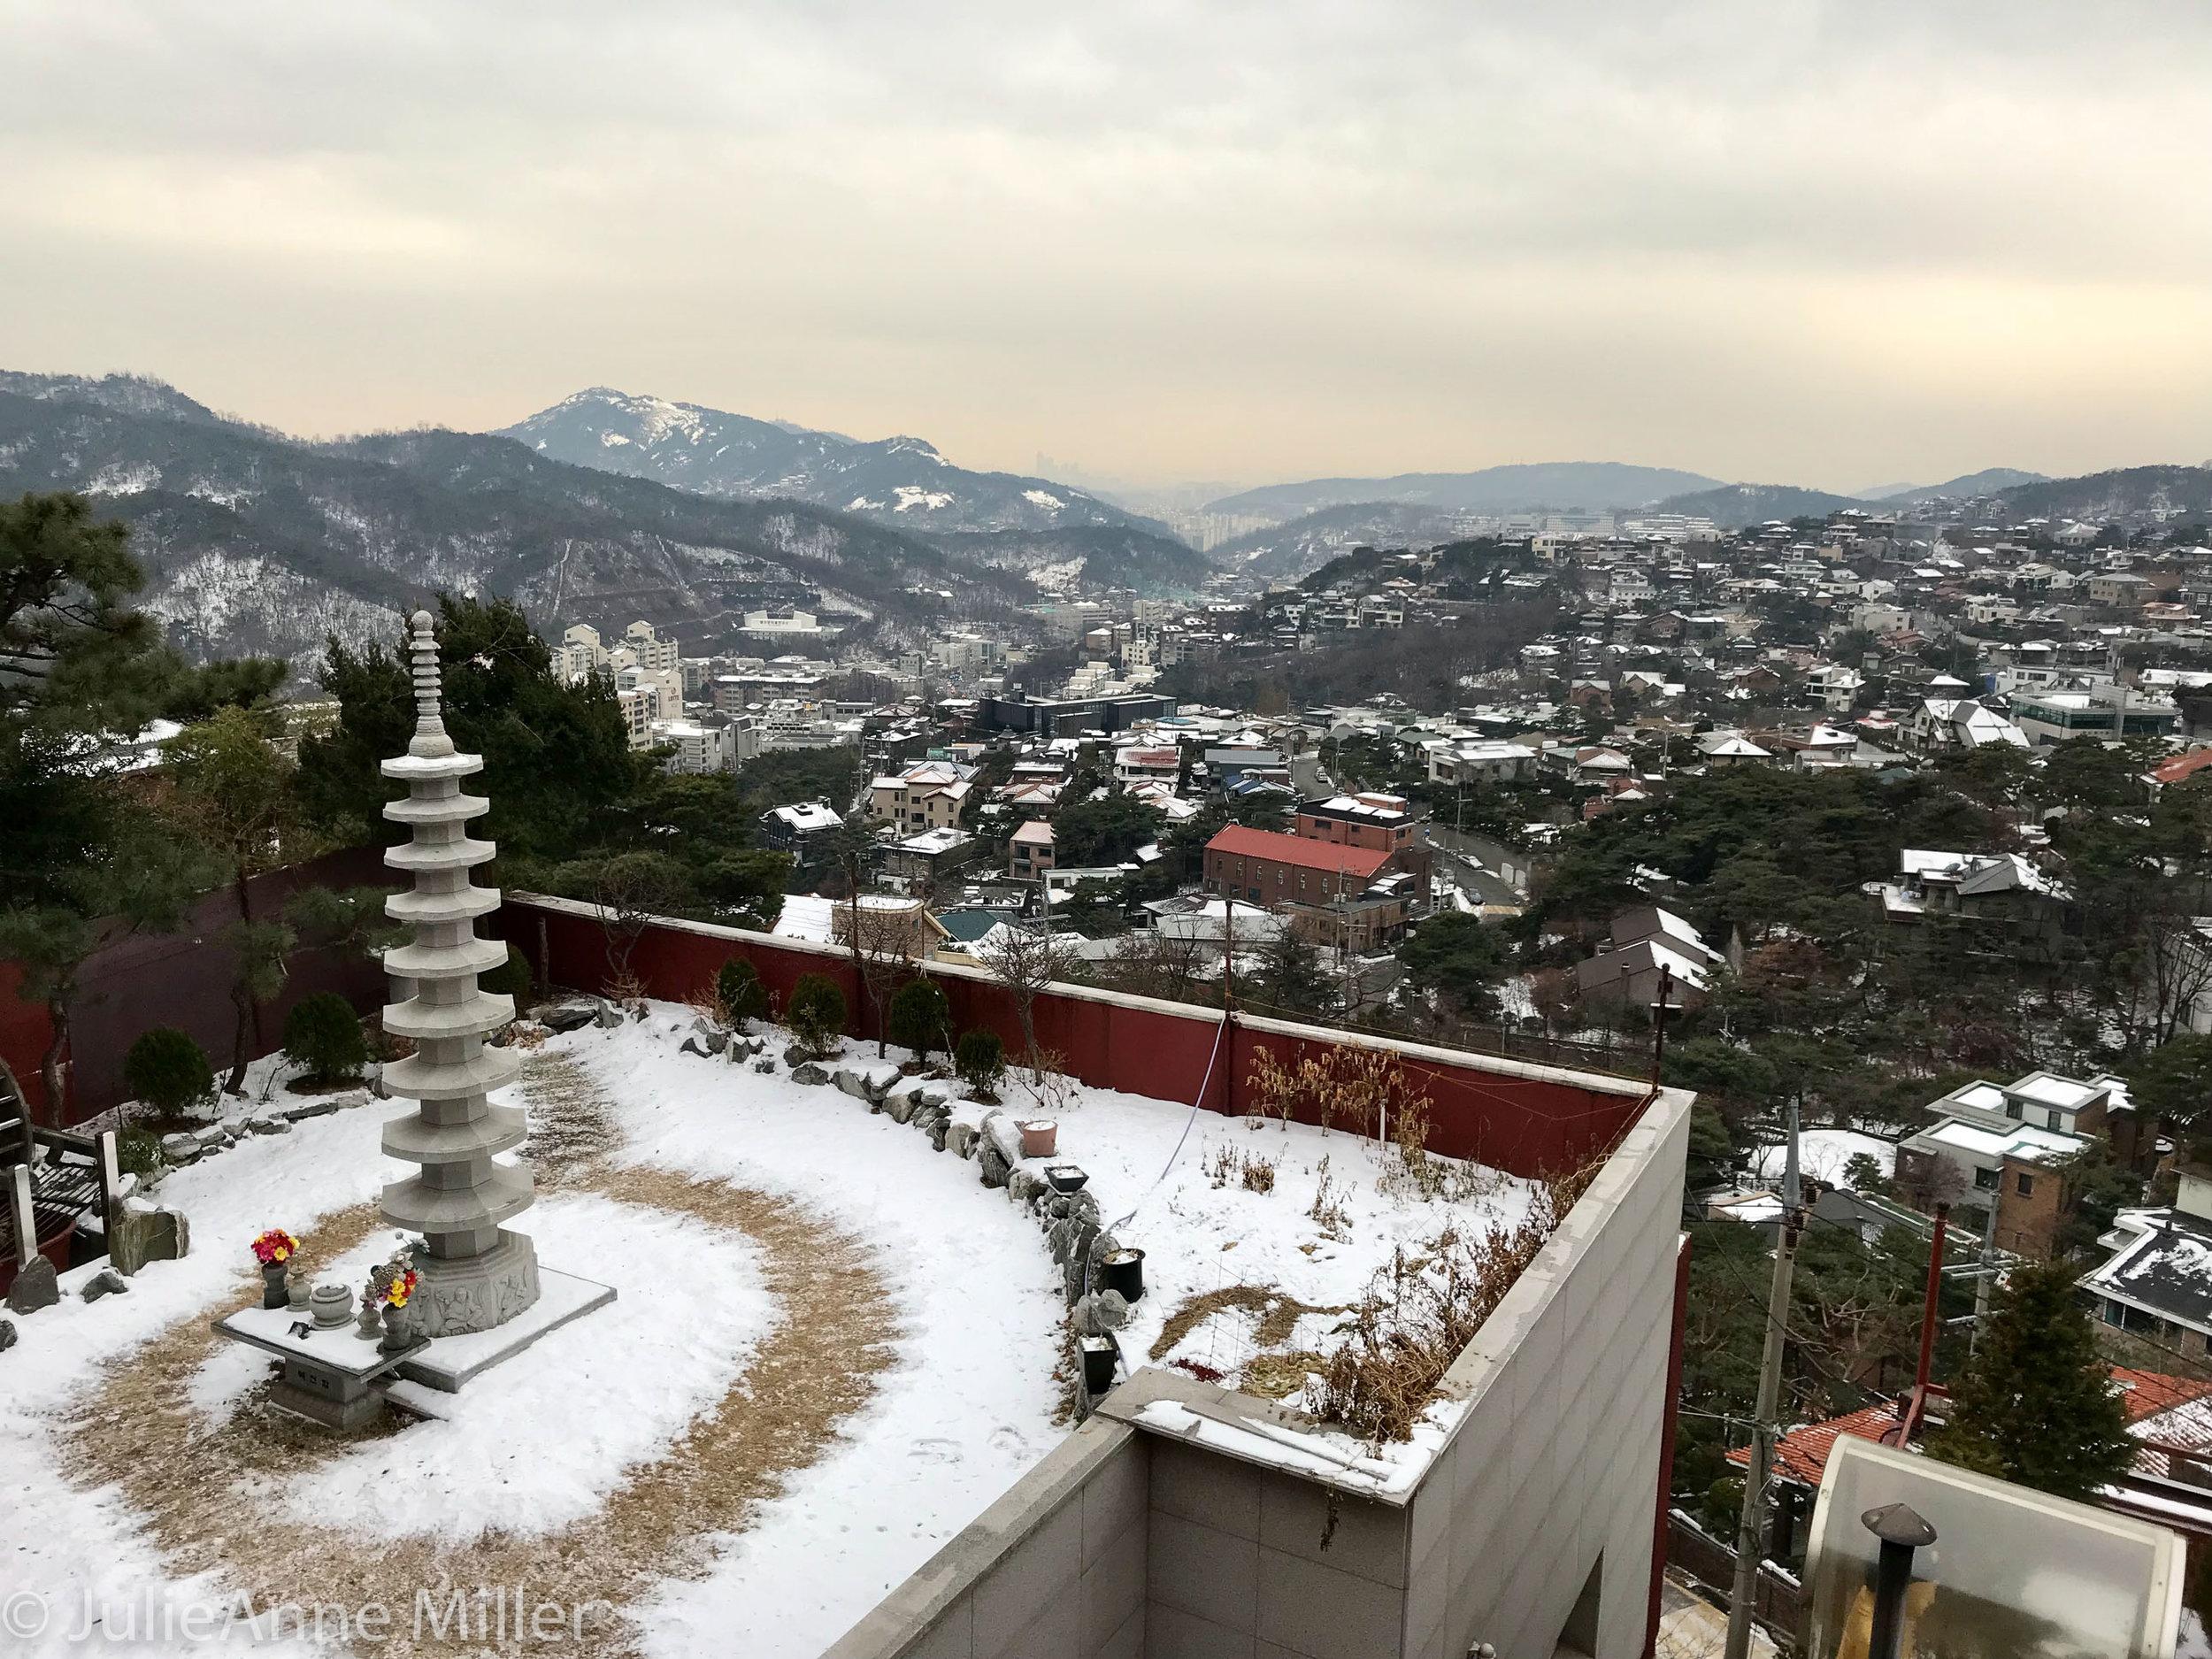 Seoul Dulle Gil-9.jpg